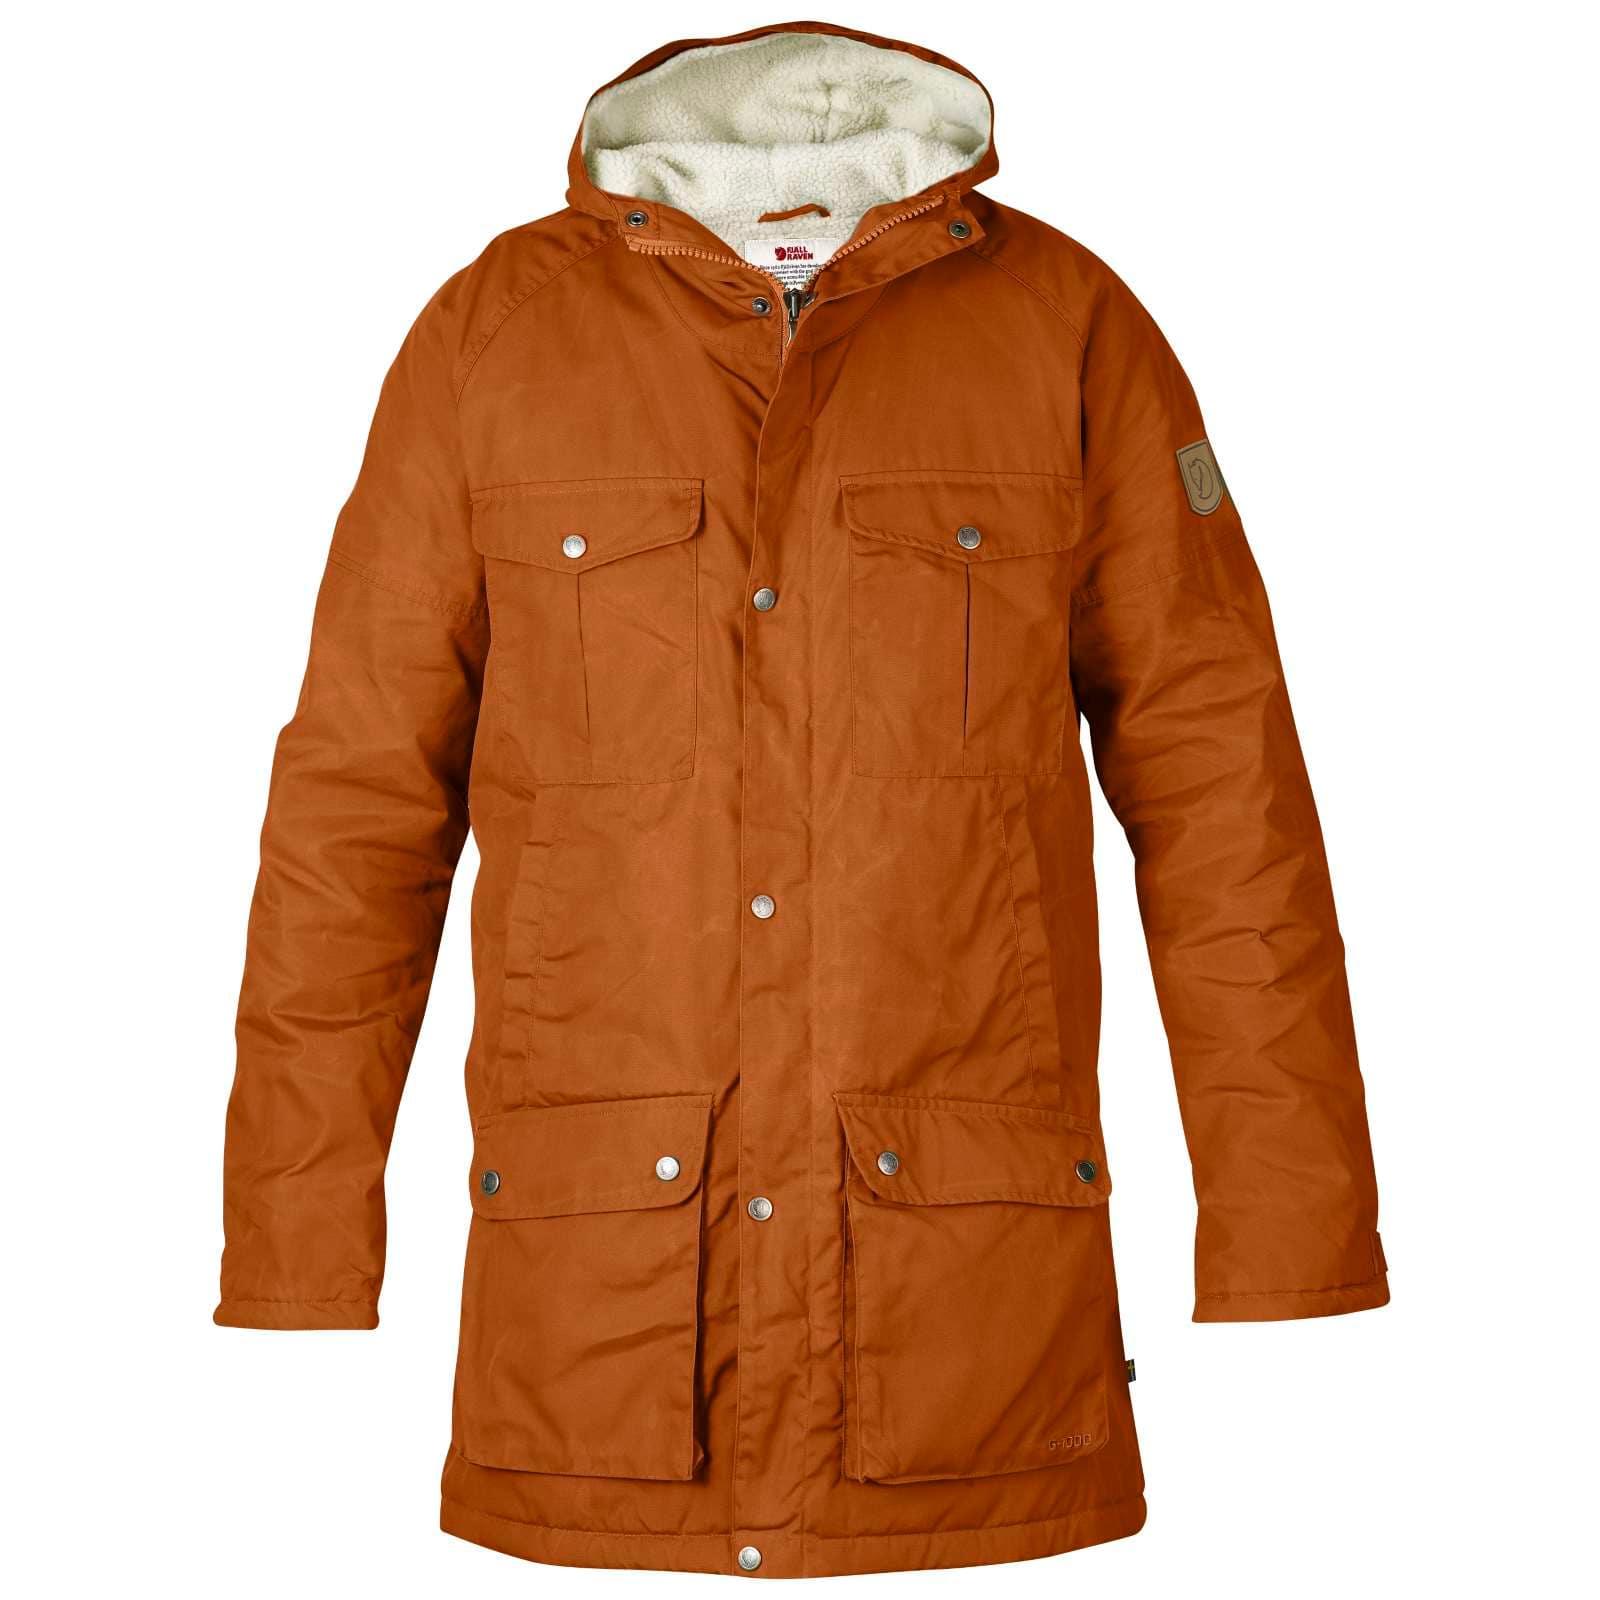 Fjällräven Greenland Winter Jacket (Herr)